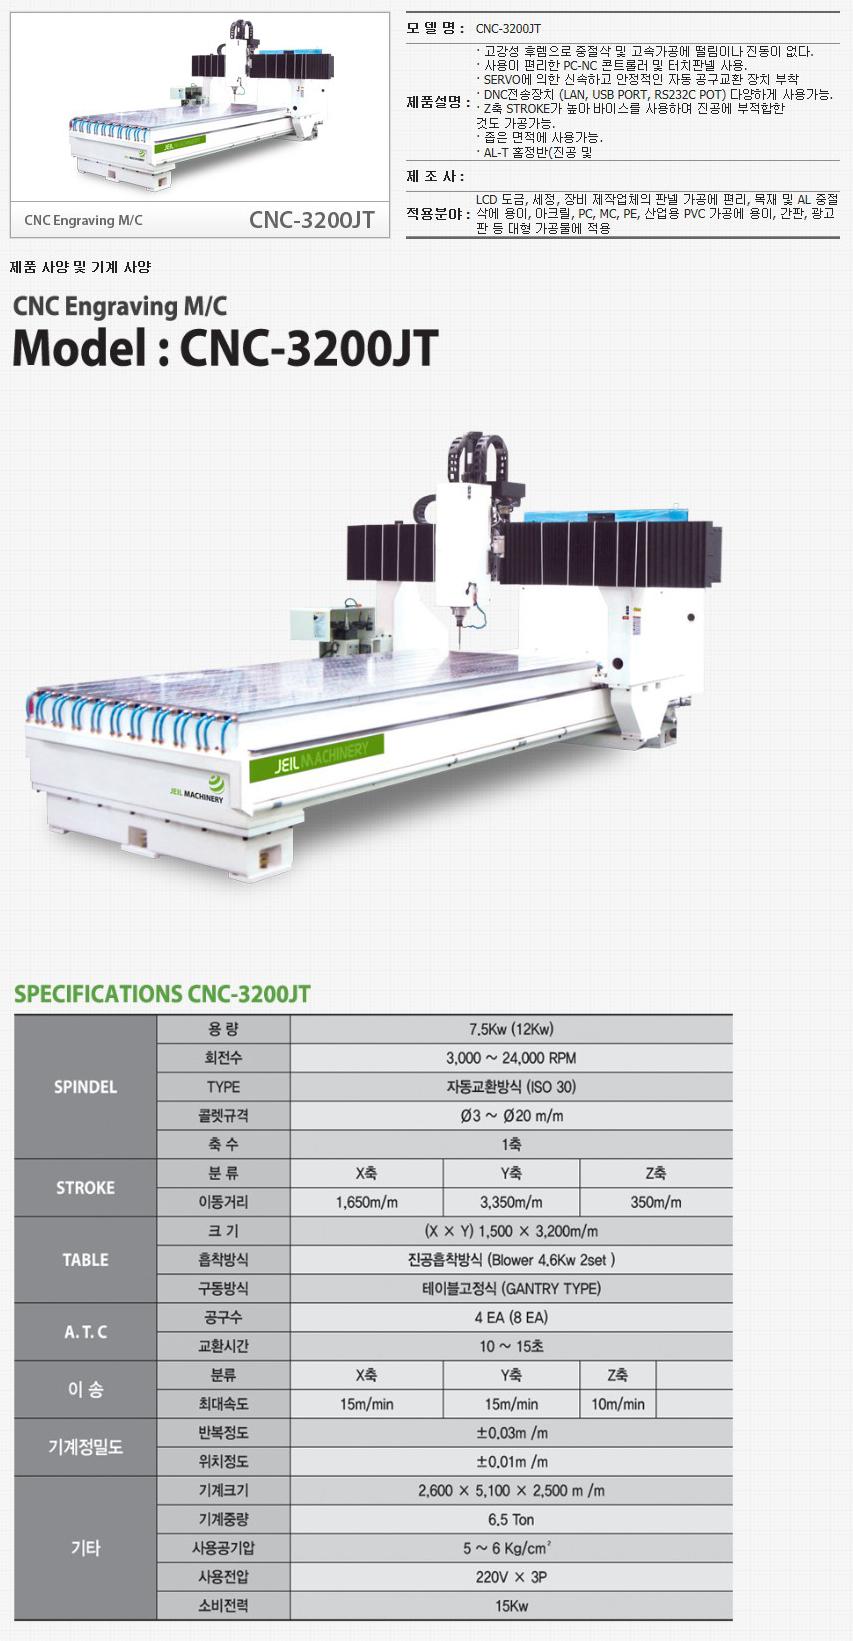 제일산업기계(주) CNC Engraving M/C CNC-3200JT